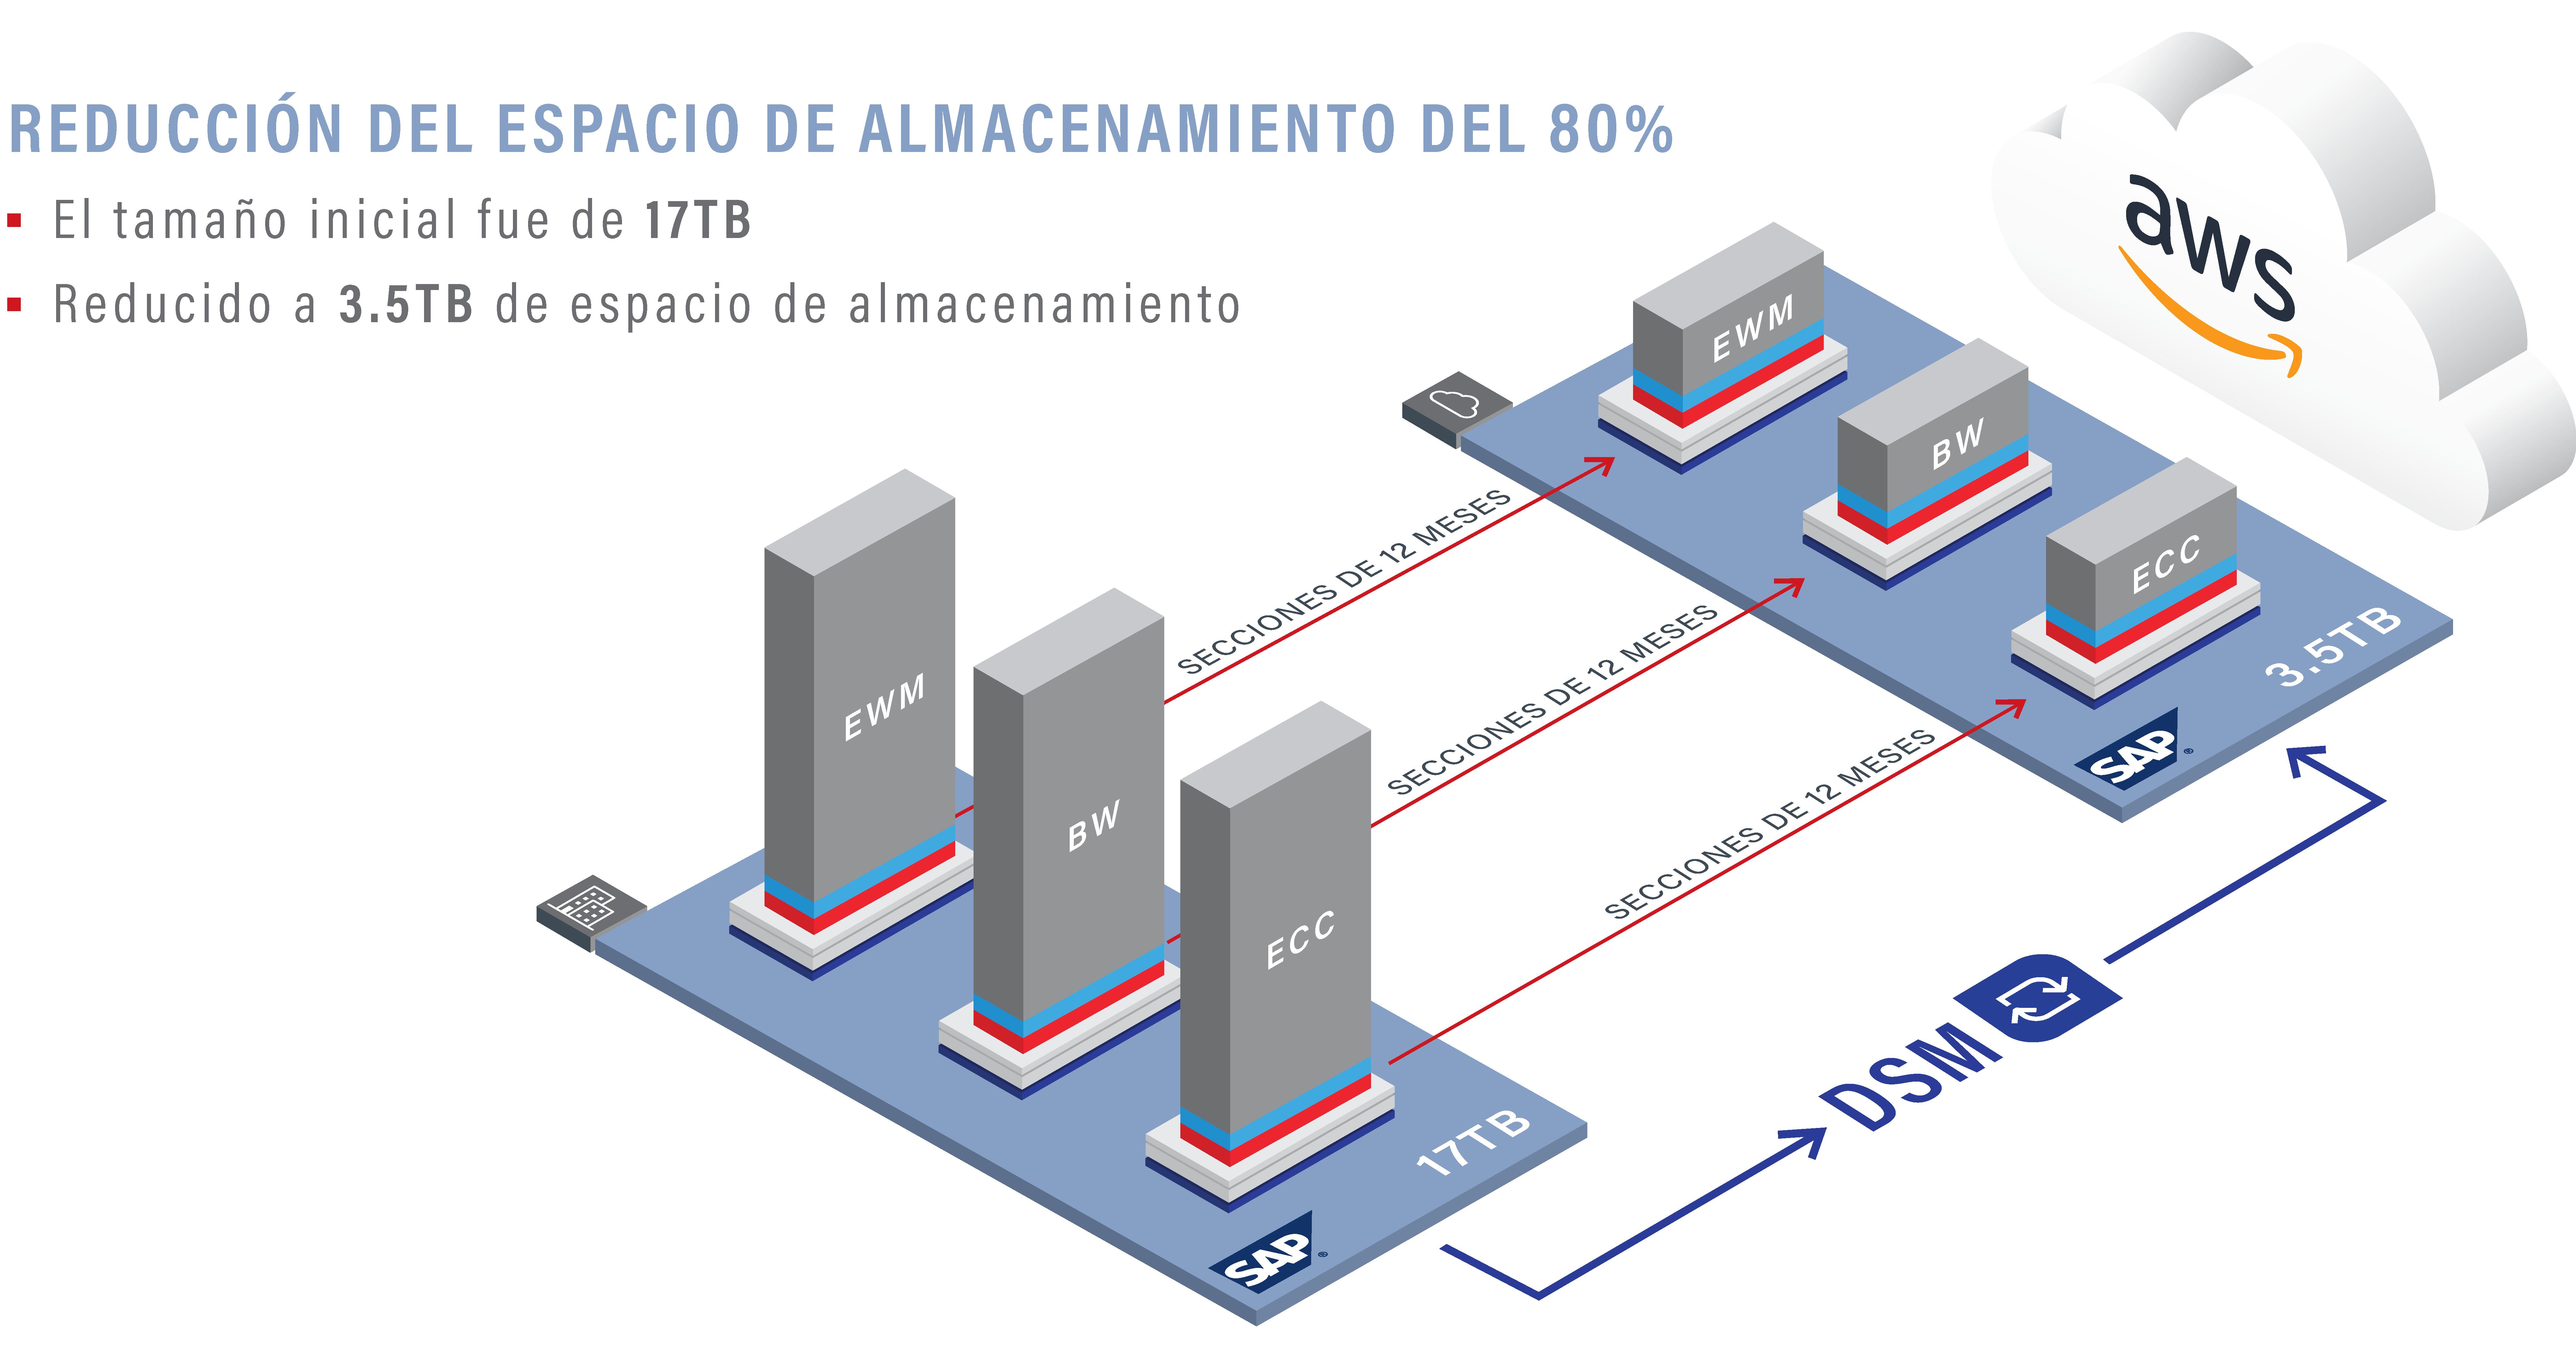 ACERCA DE DUNELM